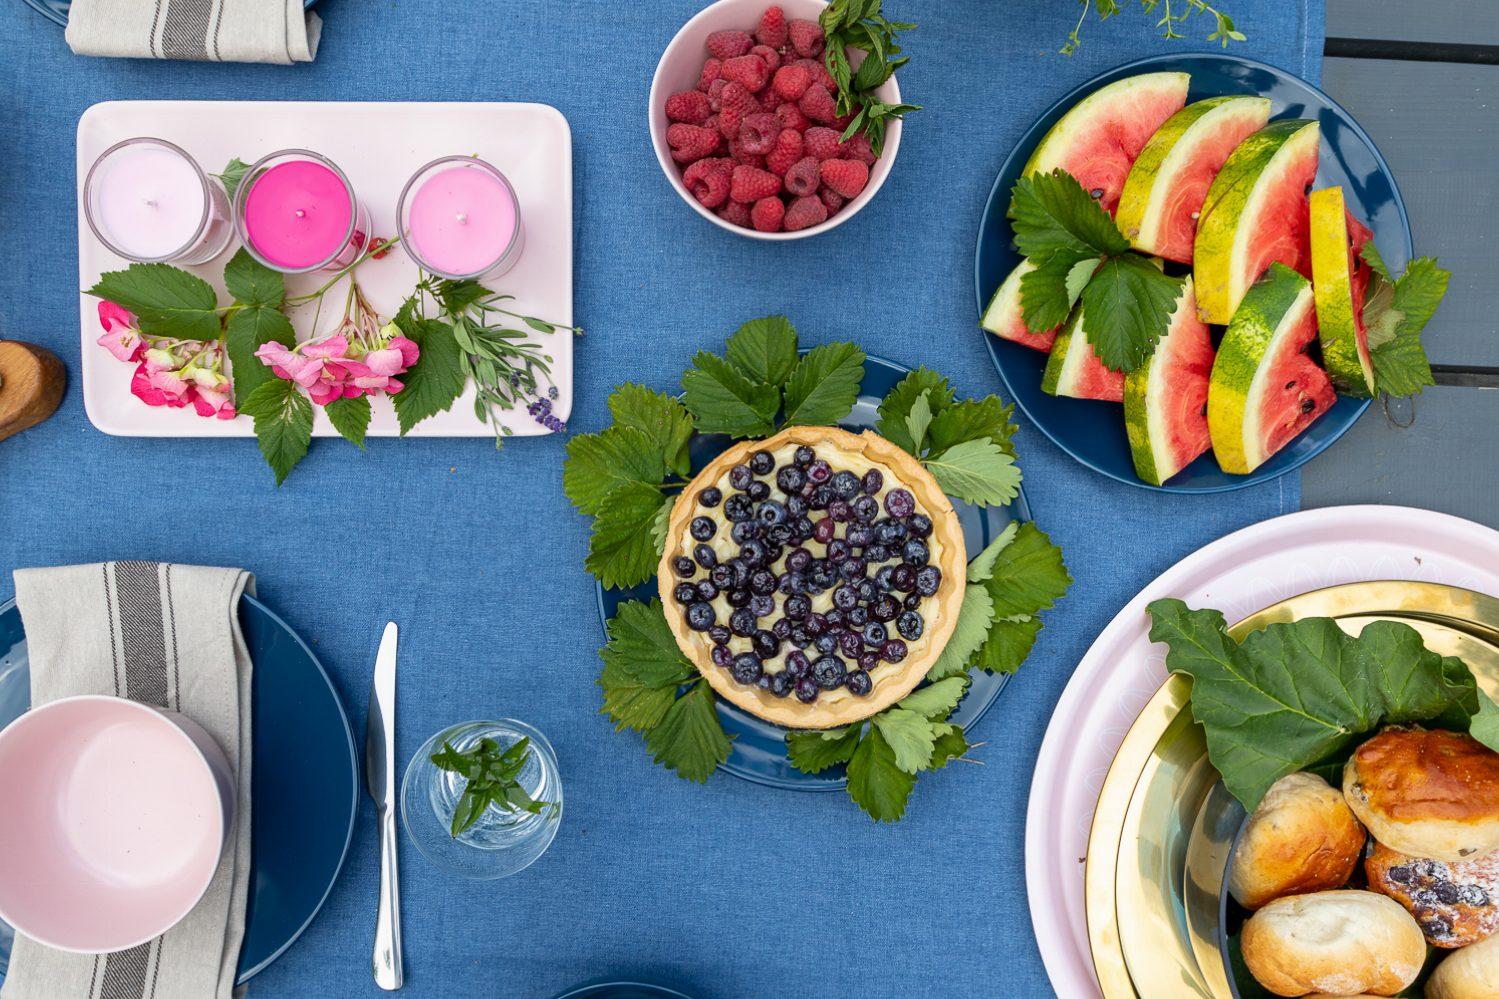 jak przygotować stół na ogrodowe letnie przyjęcie